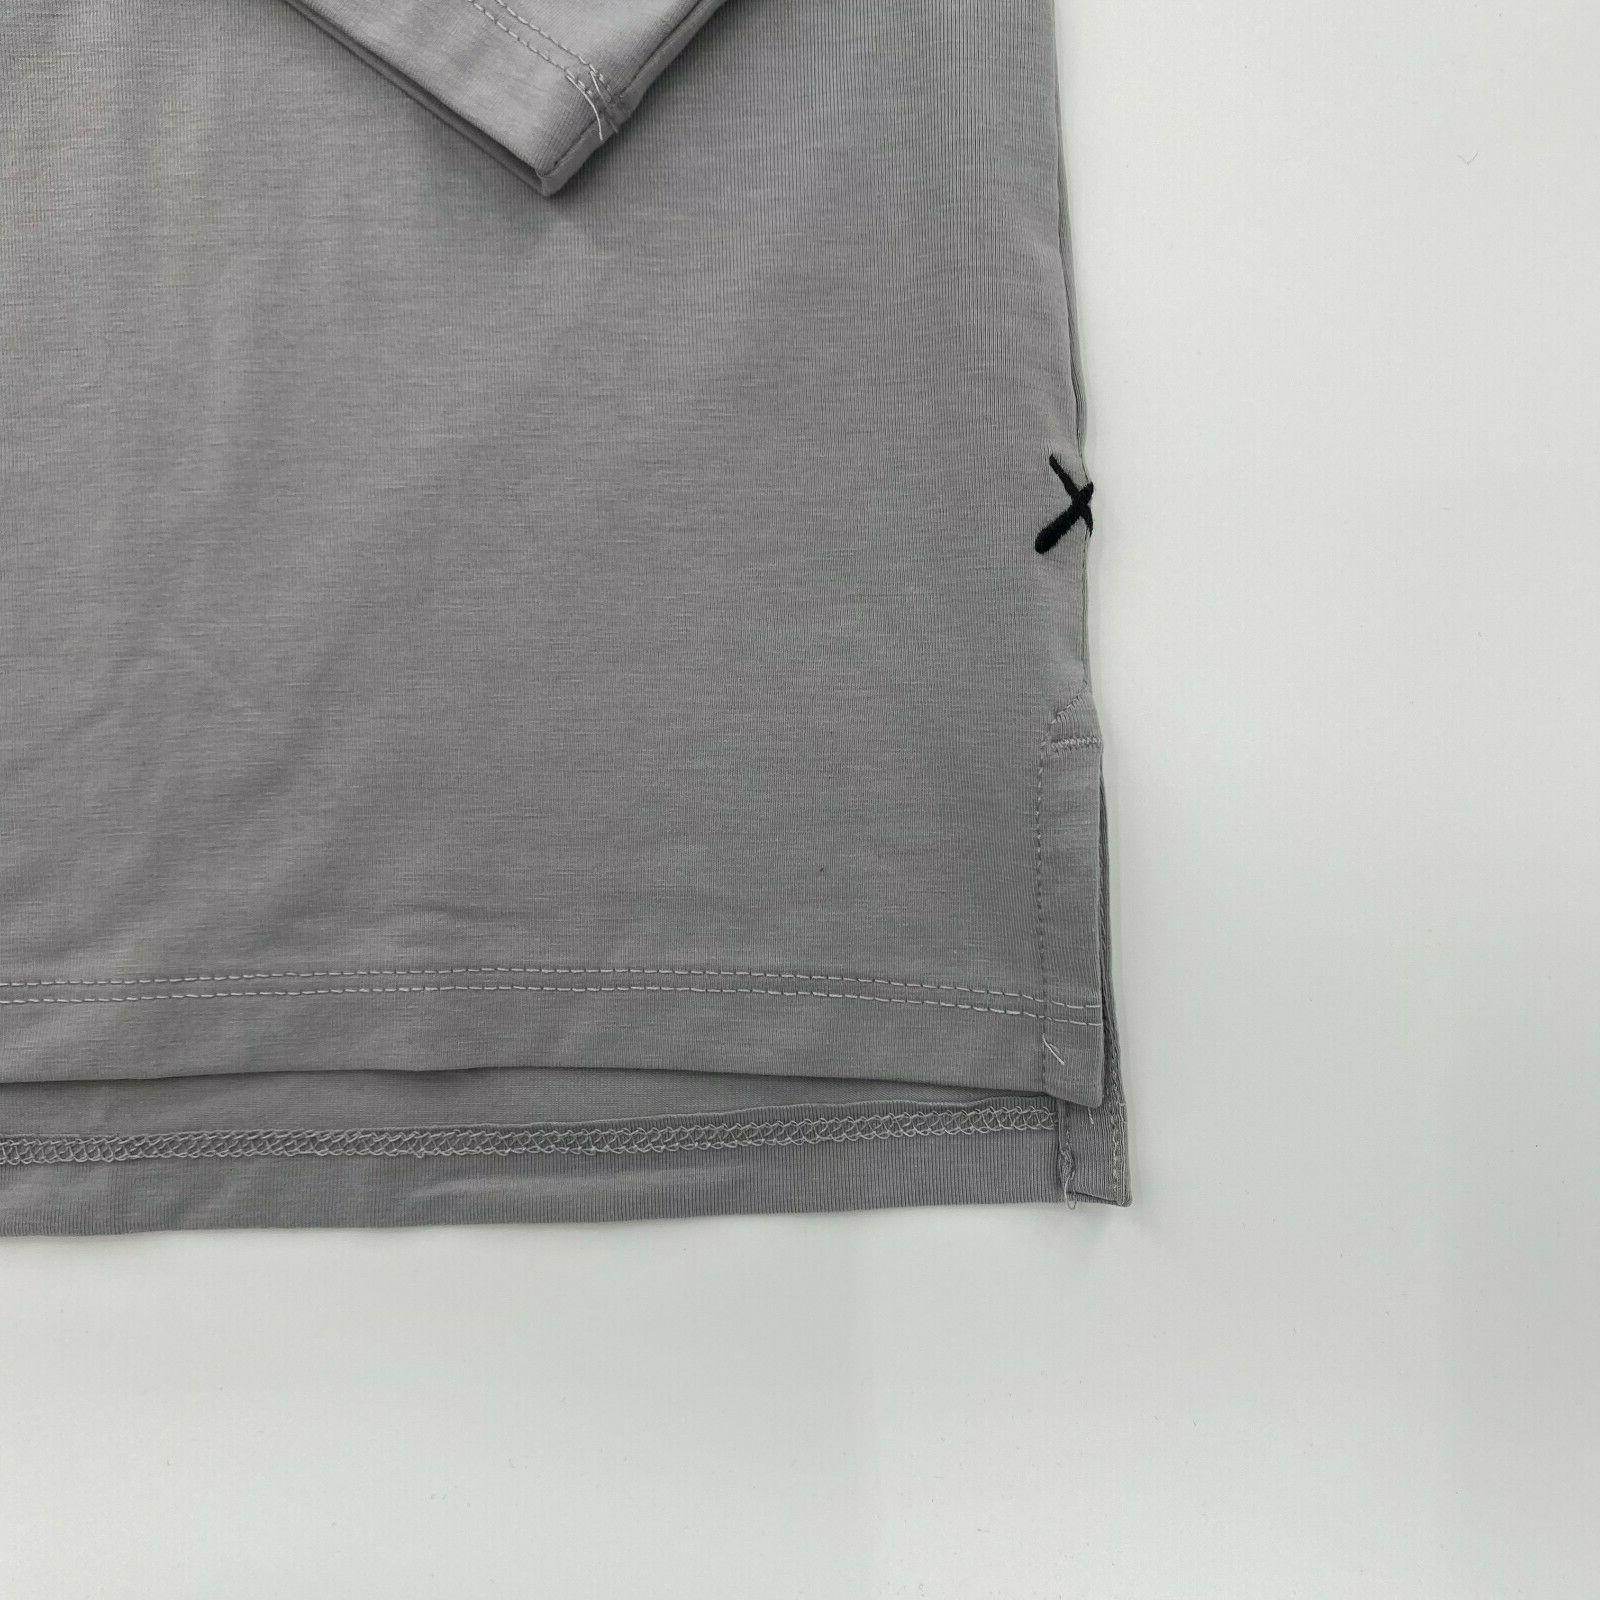 Cuts Sleeve Split Hem M XL